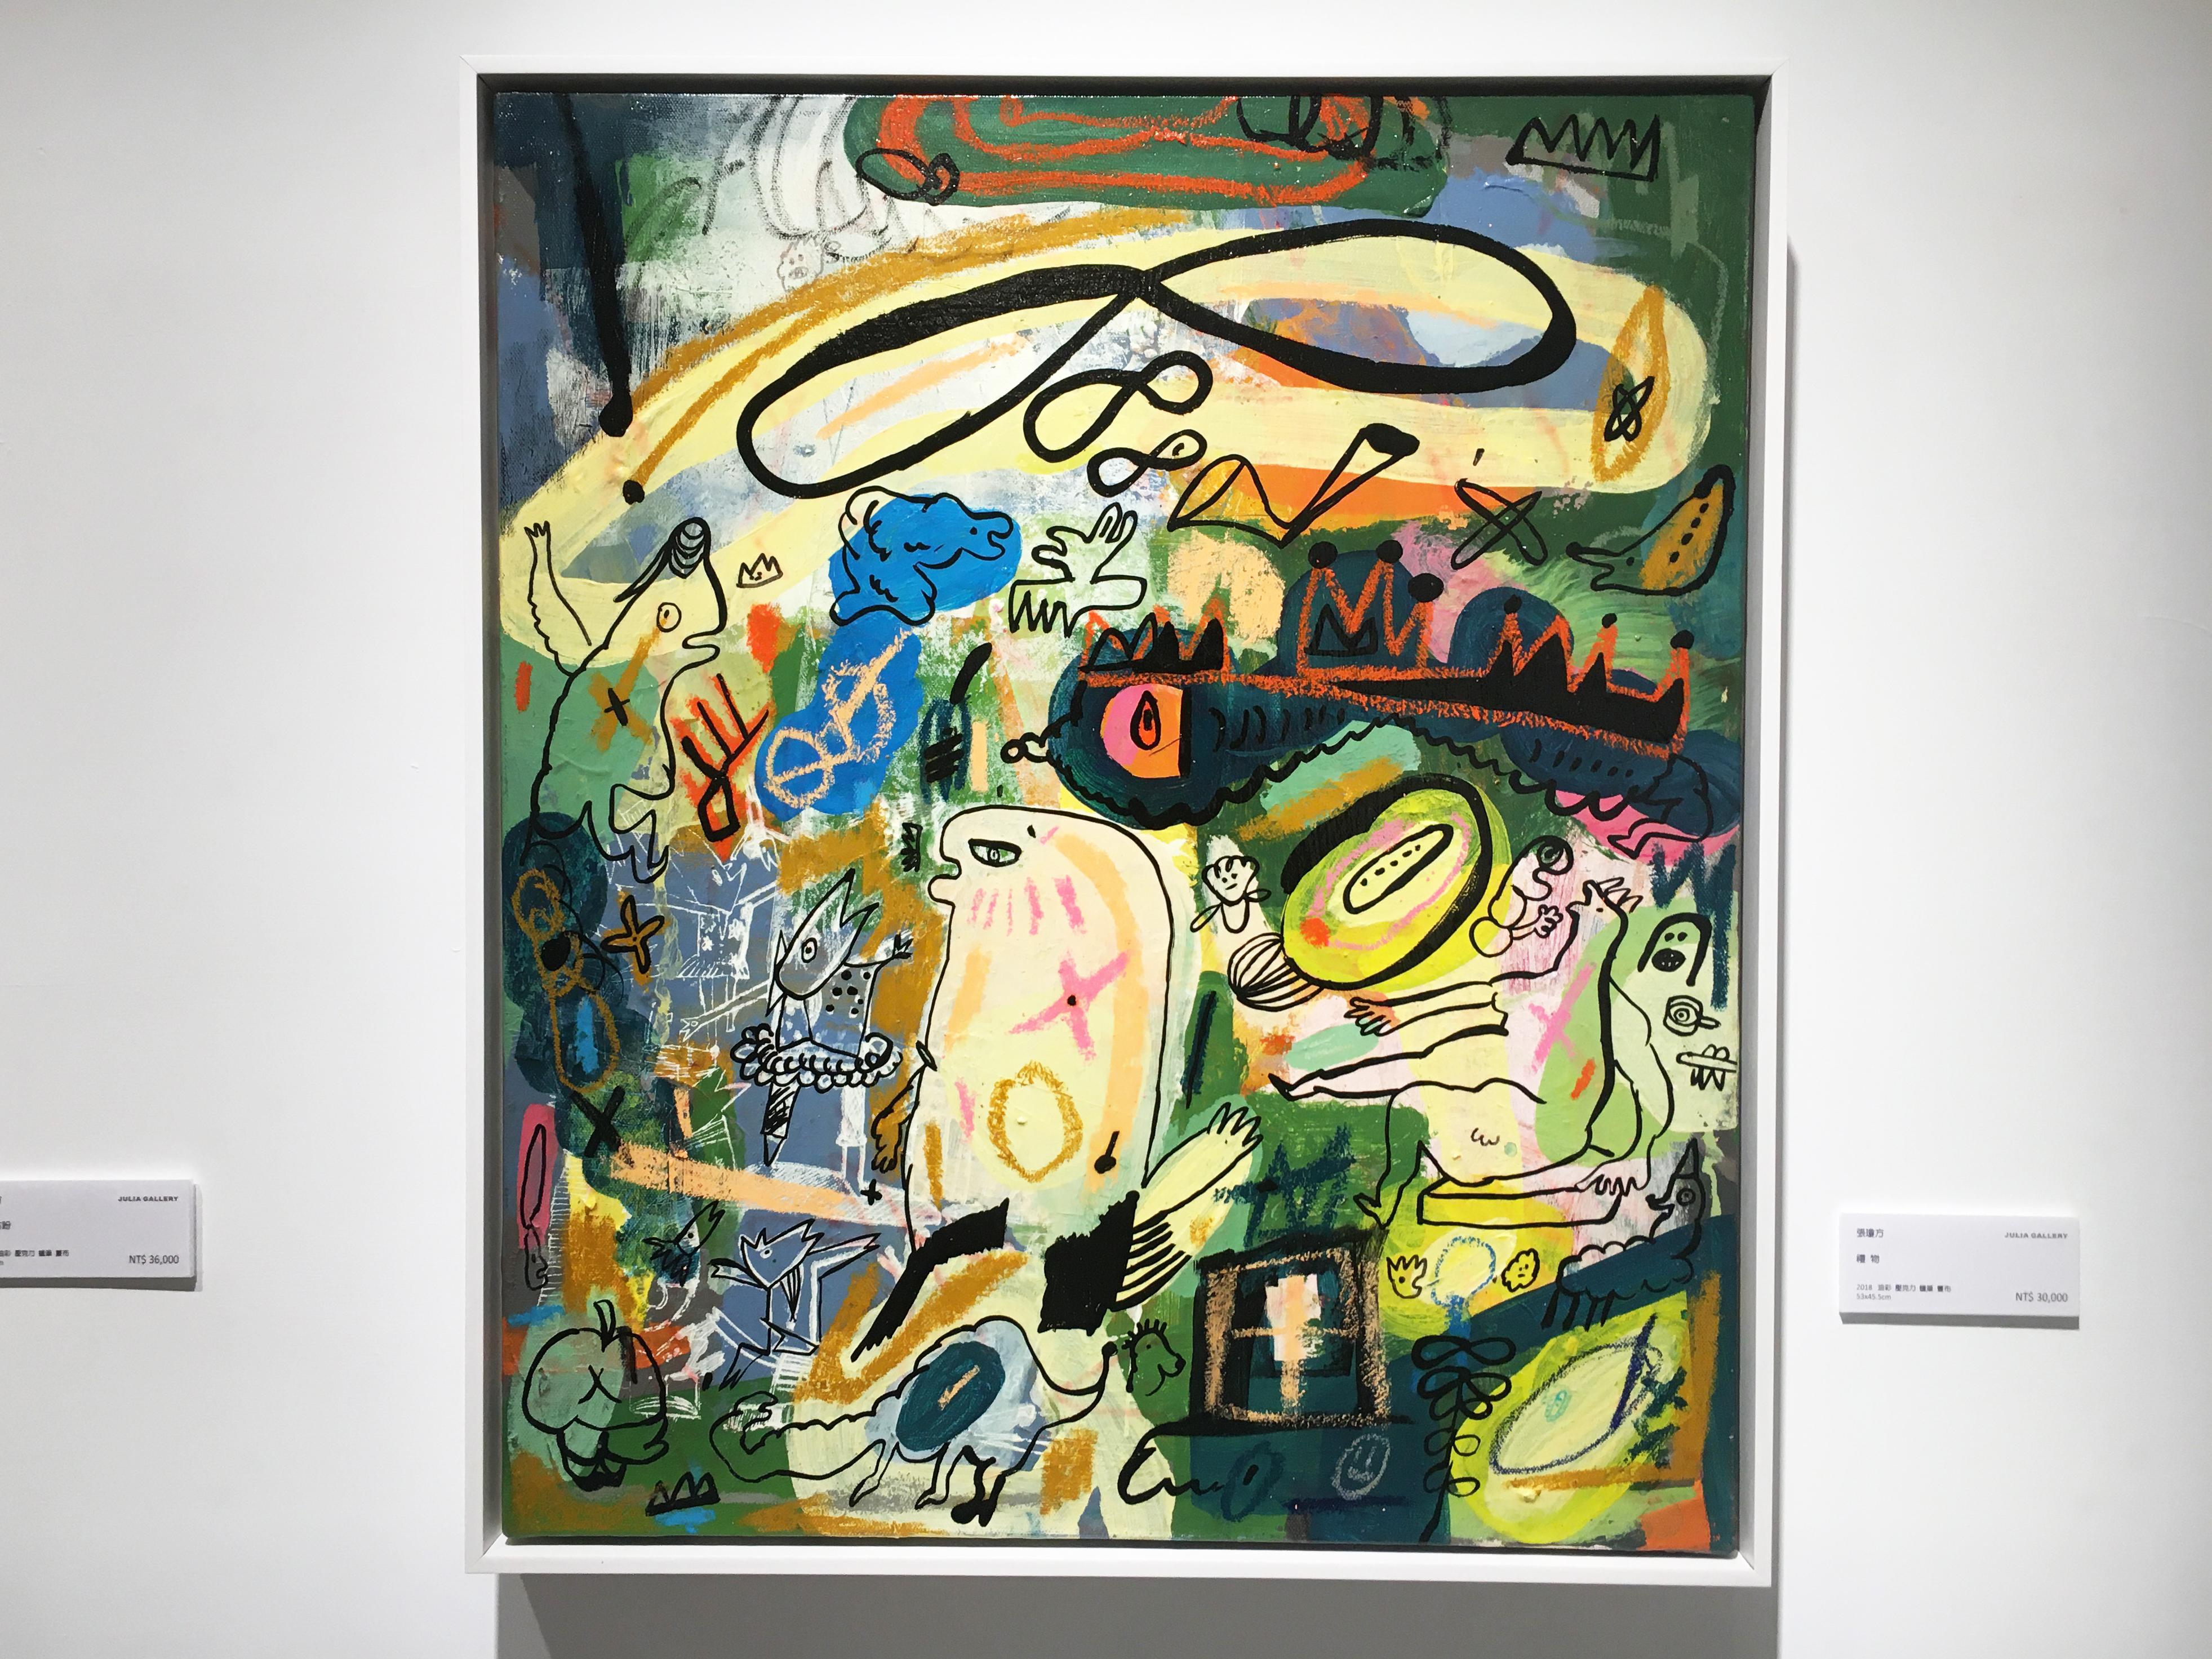 張瓊方,《禮物》,53 x 45.5 cm,油彩、壓克力、畫布,2016。